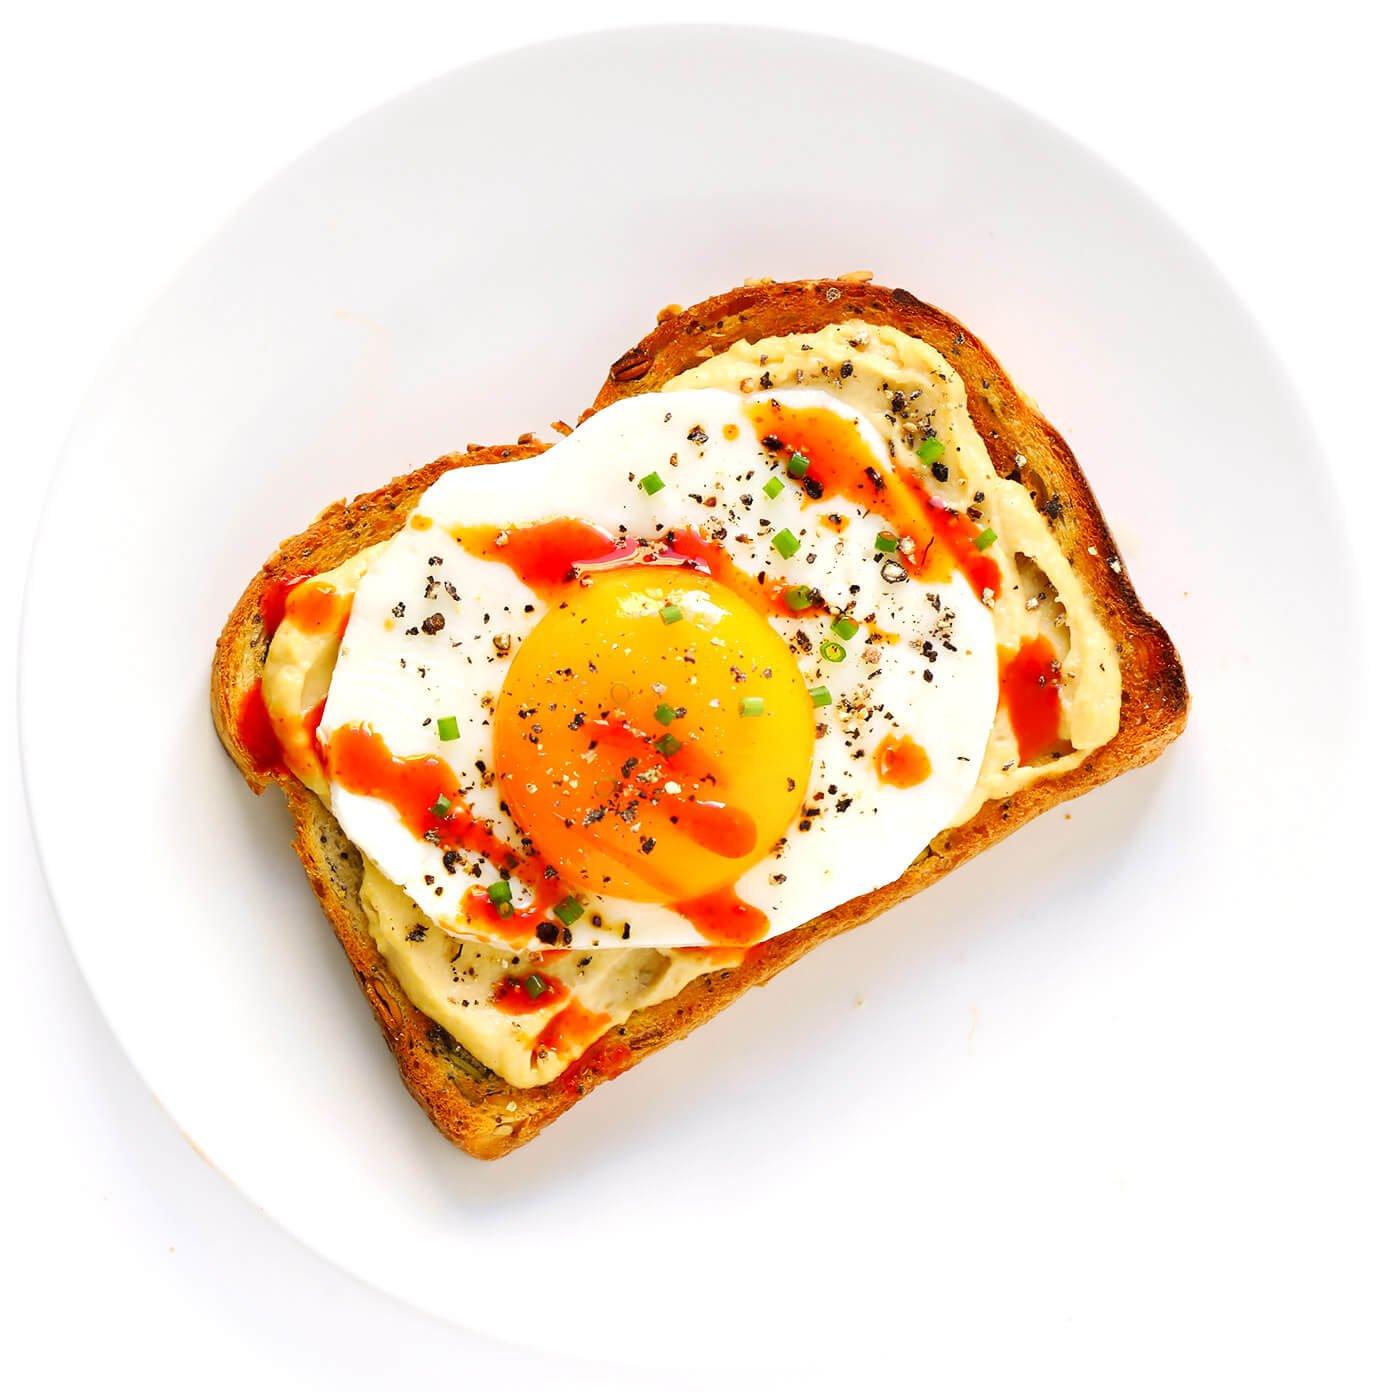 Fried Egg Hummus Toast